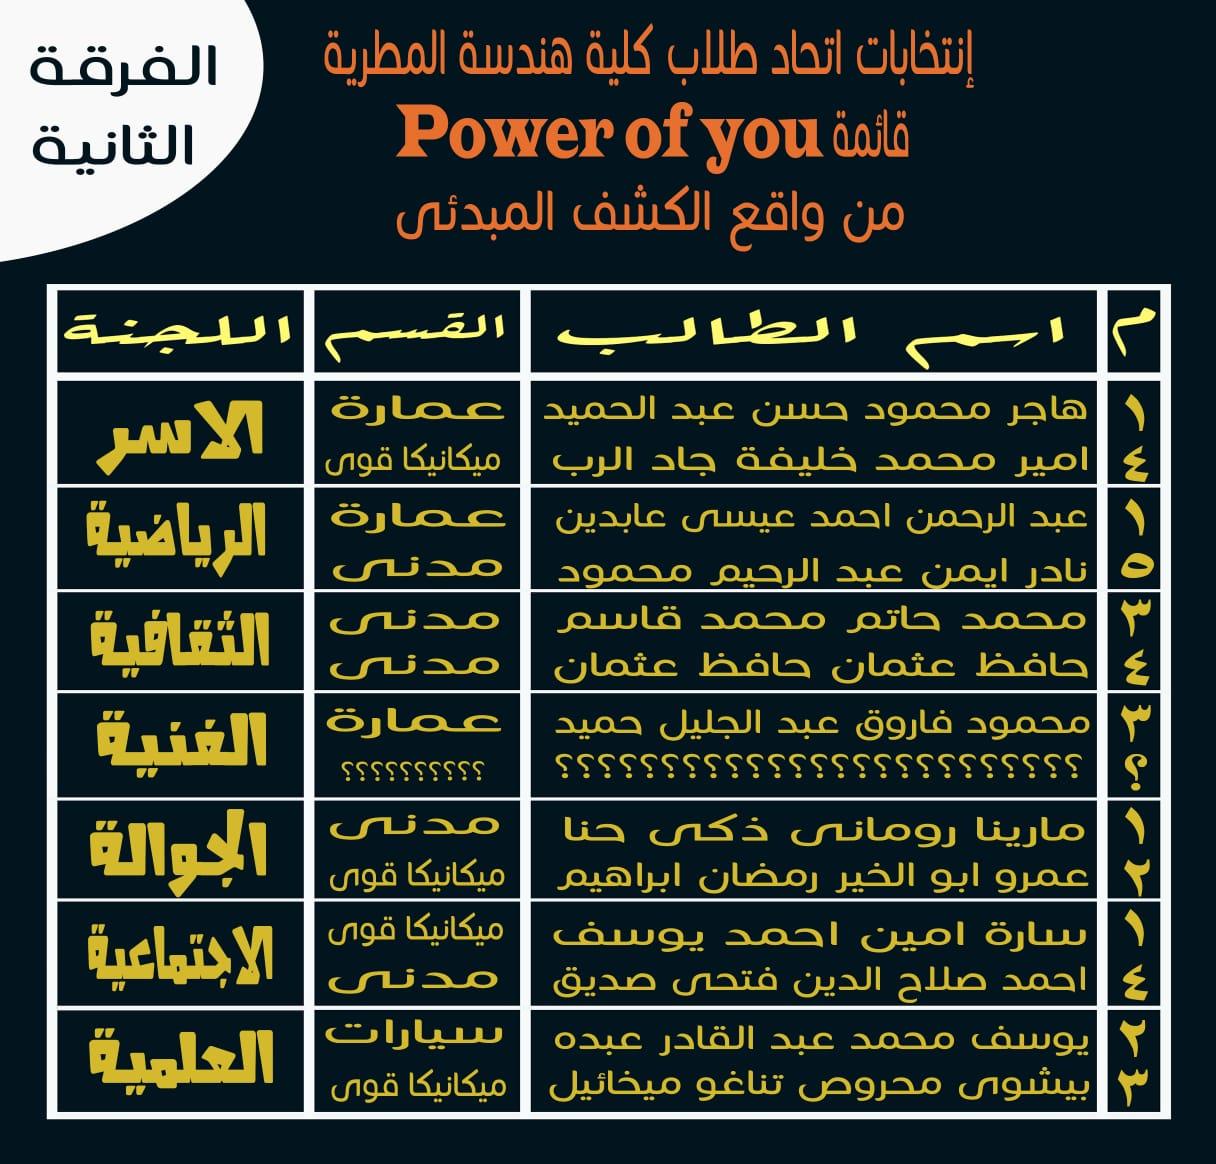 أعضاء قائمة power of you (7)